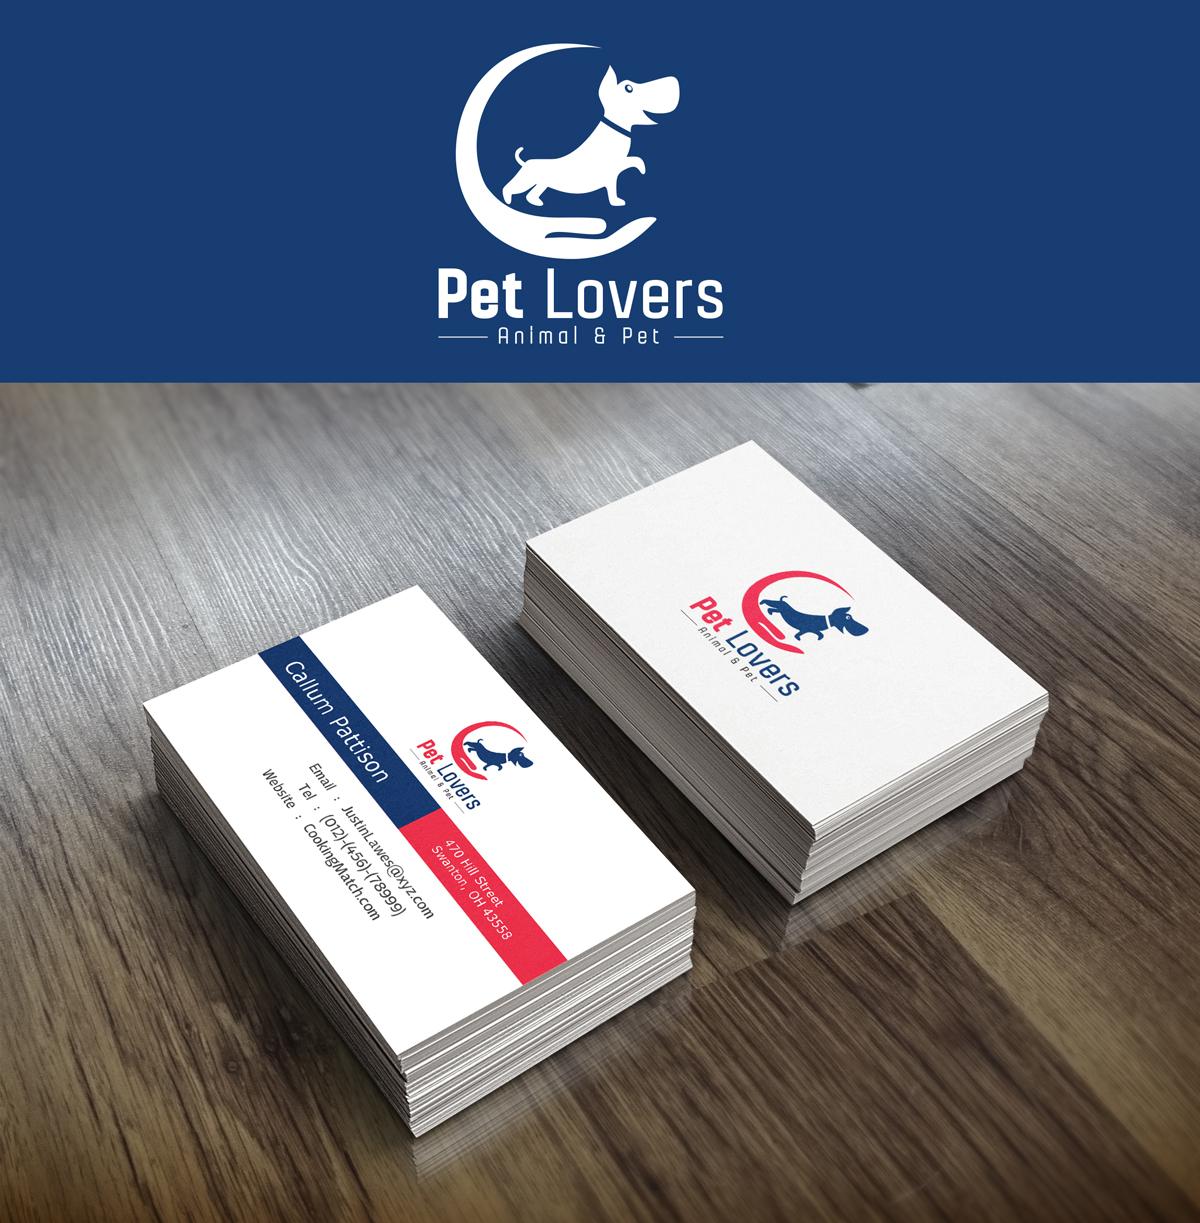 Animal Logo Design for Emotion and Affection